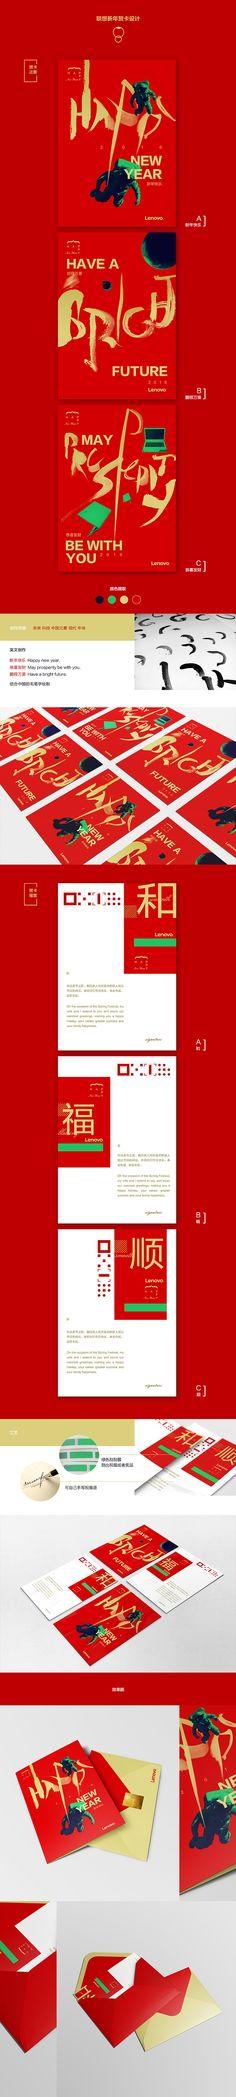 联想新年贺卡|平面|宣传品|mose1991 - 原创作品 - 站酷 (ZCOOL)